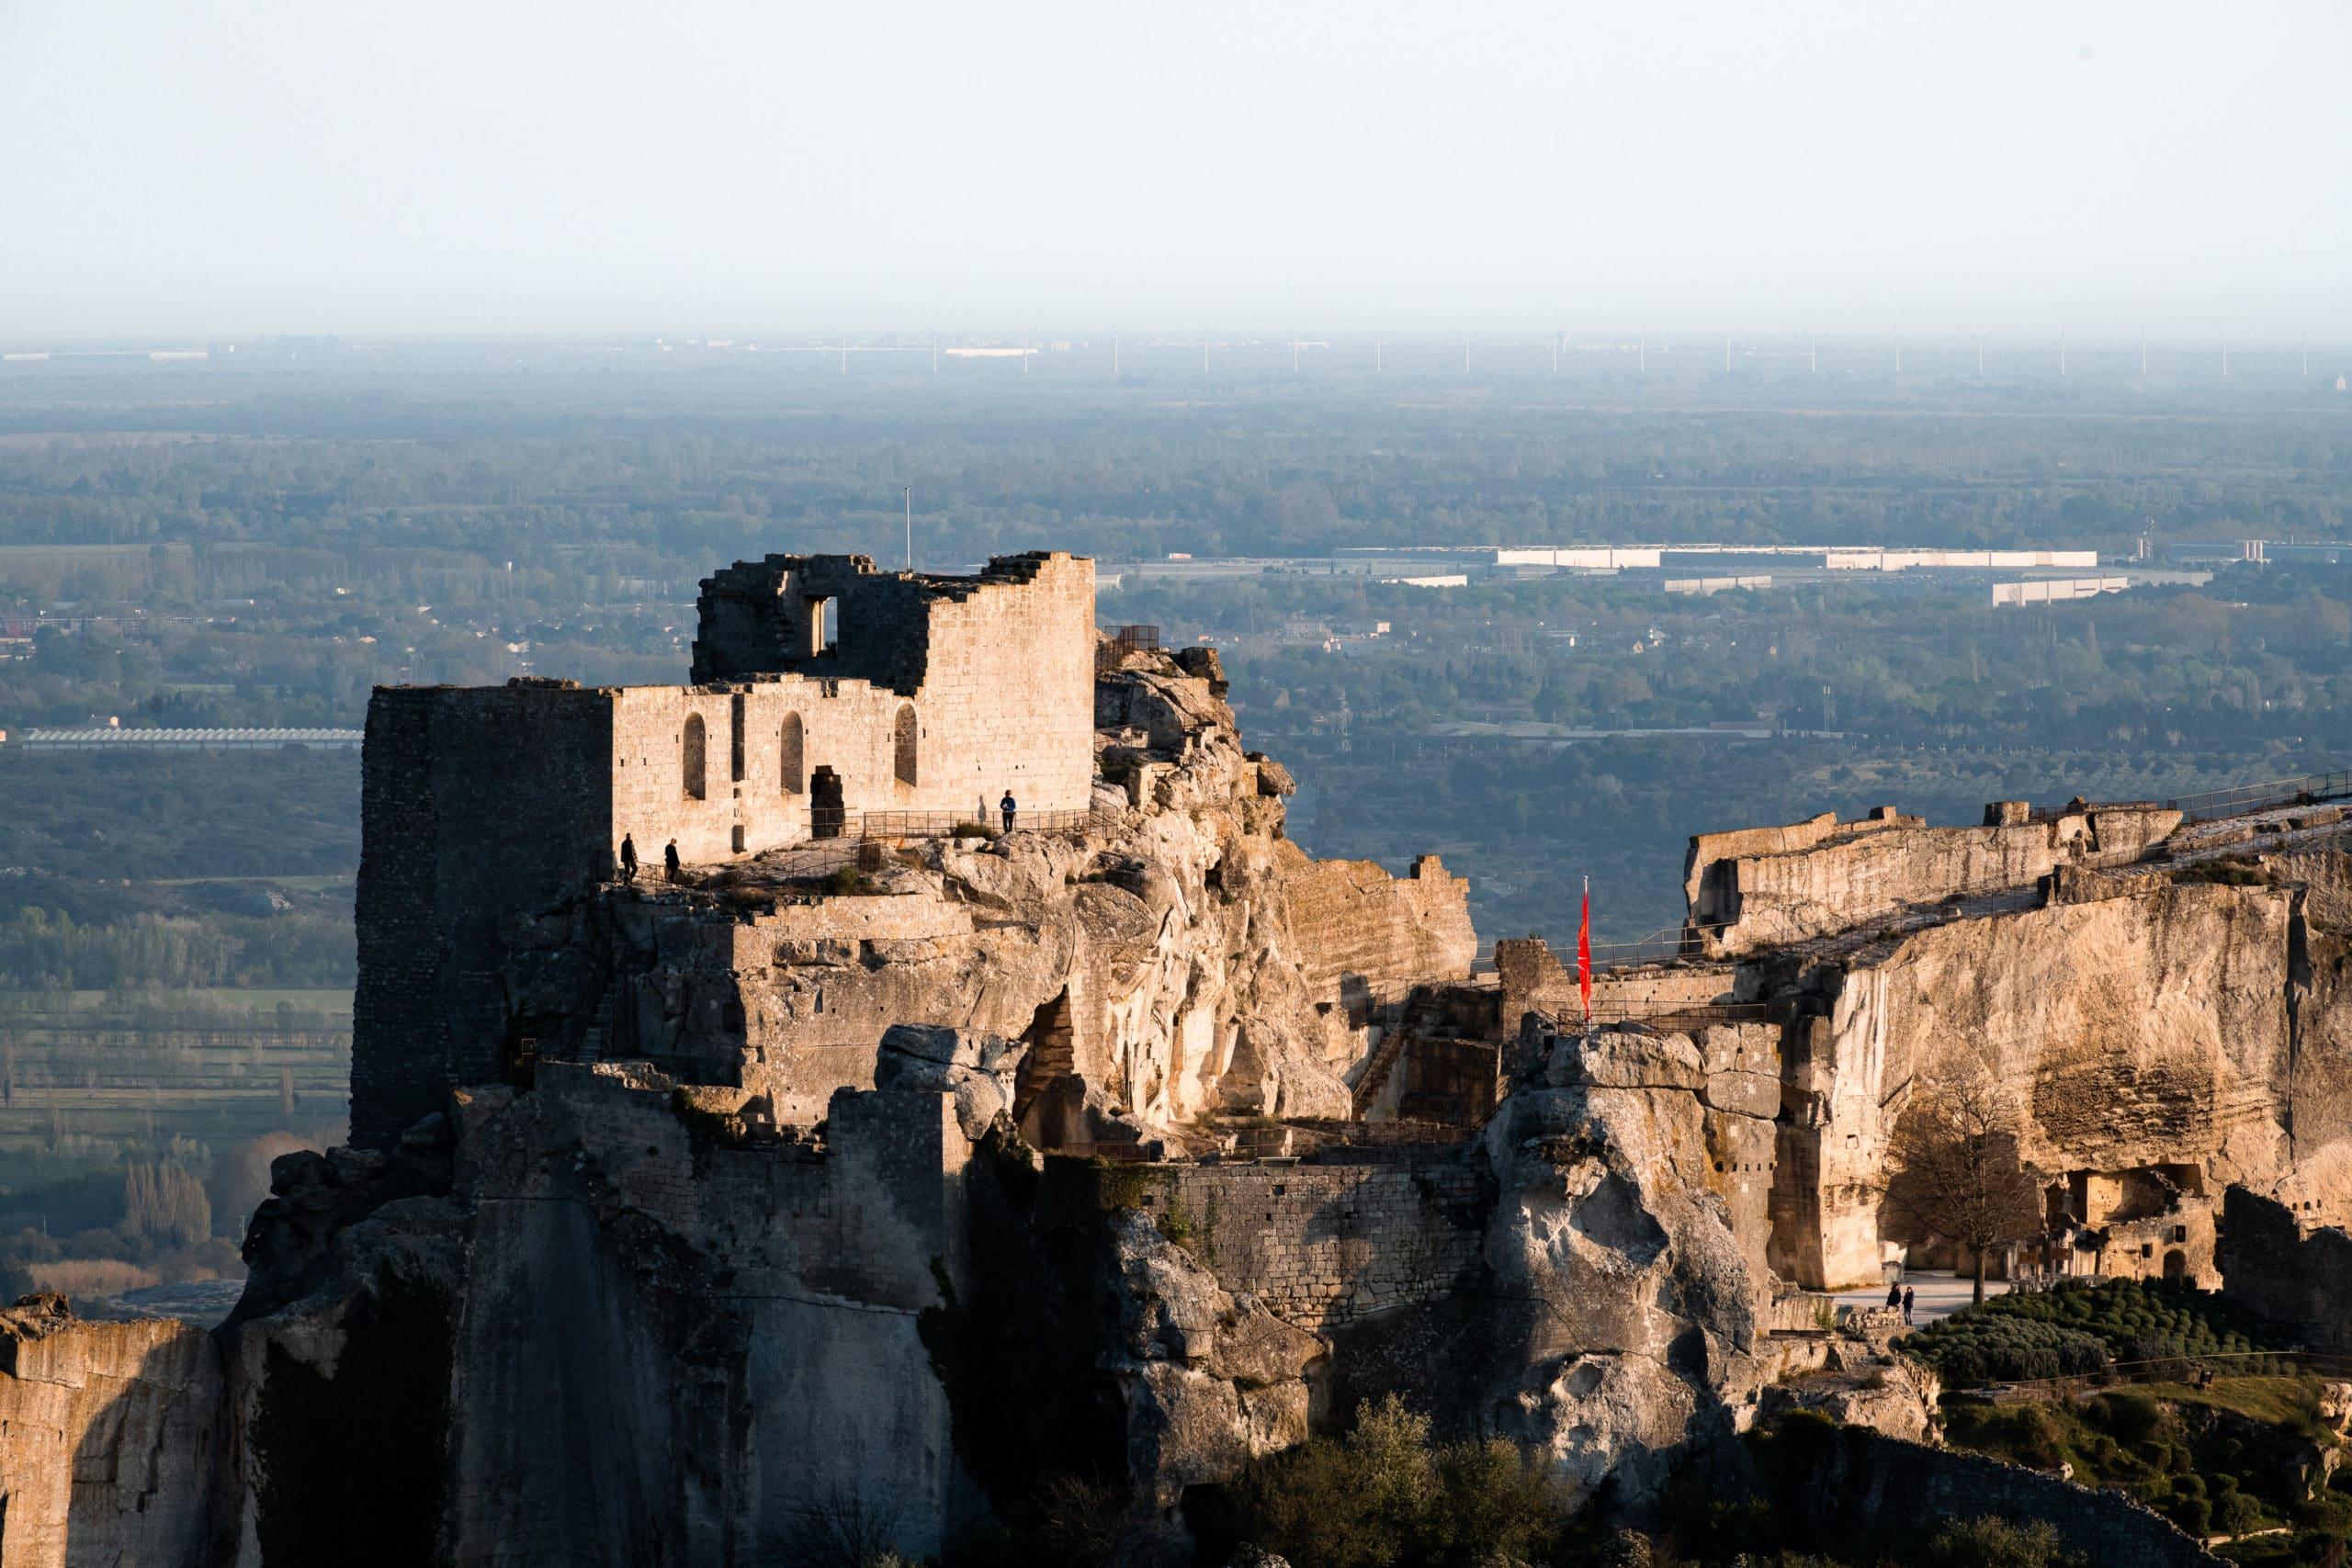 Landschaftsfoto der Burg Ruine von Les Baux de Provence Frankreich für Tourismus Marketing Zwecke |Landschaftsfotograf für Tourismusfotografie in Osnabrück Münster Bielefeld NRW Niedersachsen und bundesweit